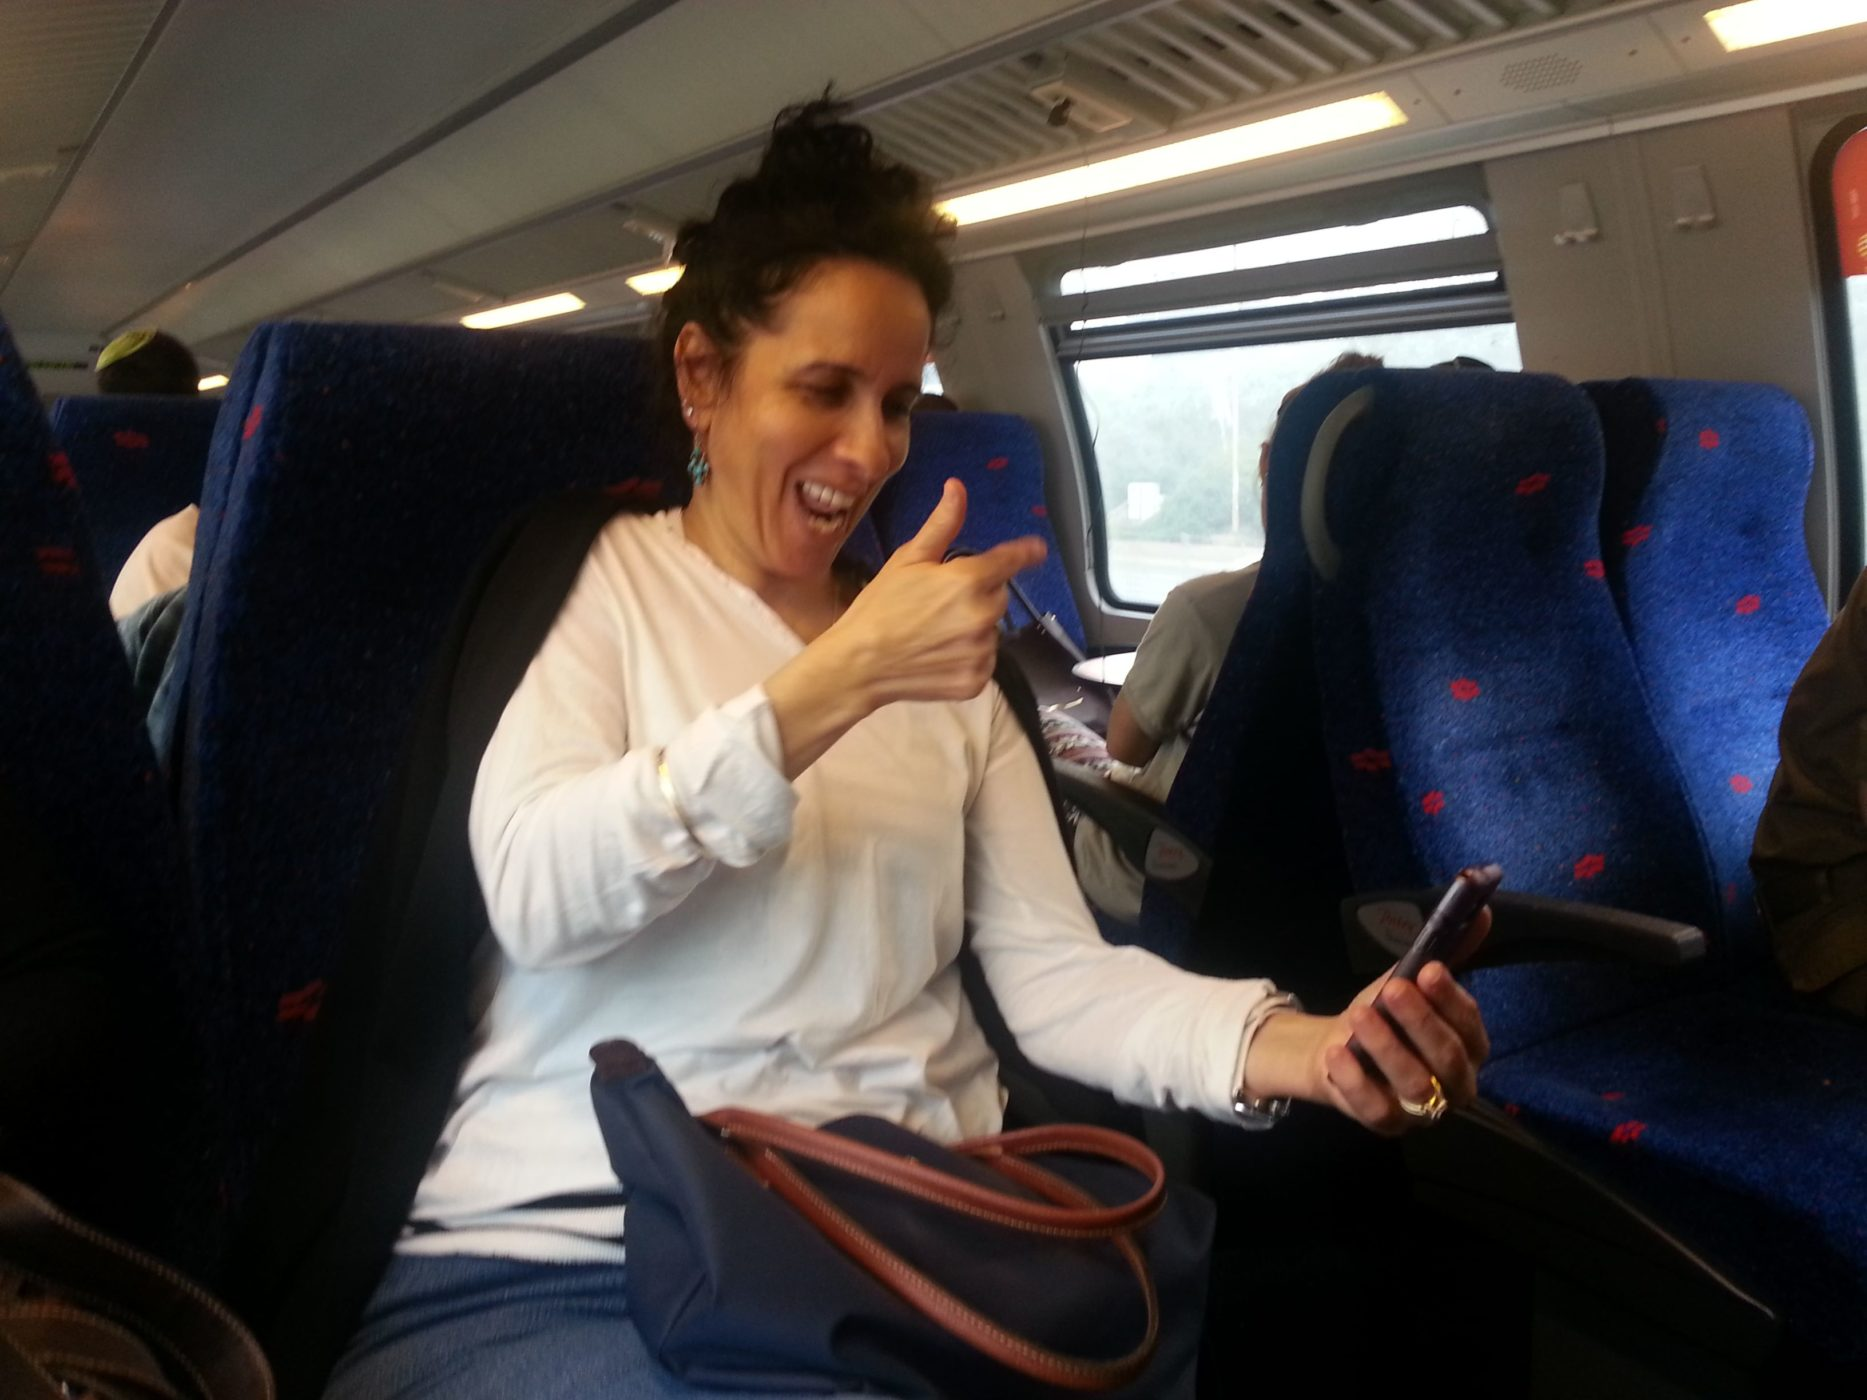 שם השולח: רותי ניסנבאום. בנסיעה ברכבת, אישה חרשת/אילמת